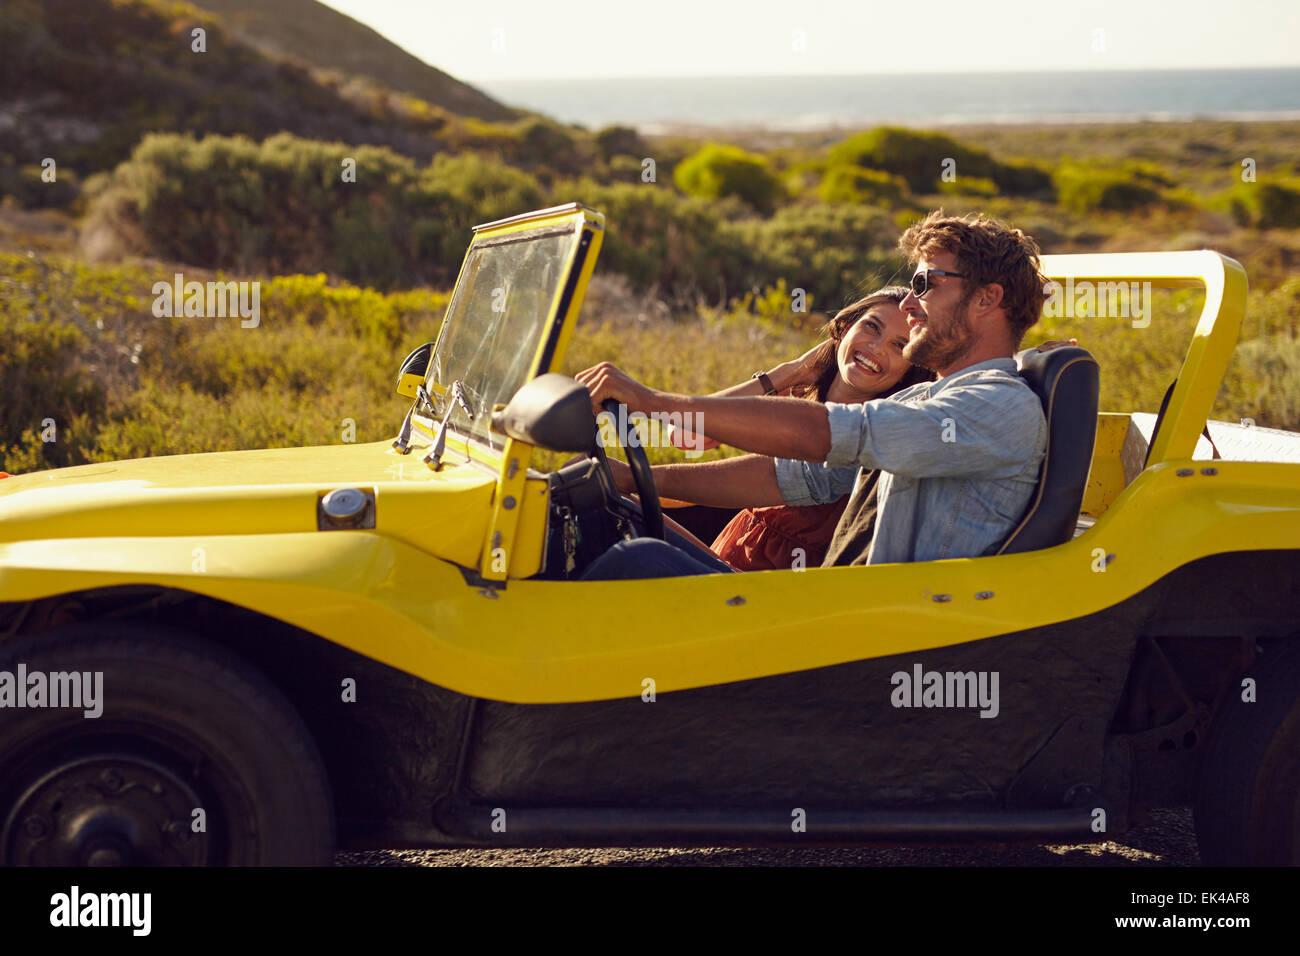 Sorridente giovane di andare in vacanza insieme in un giorno di estate. Giovane uomo con la sua fidanzata sul viaggio Immagini Stock